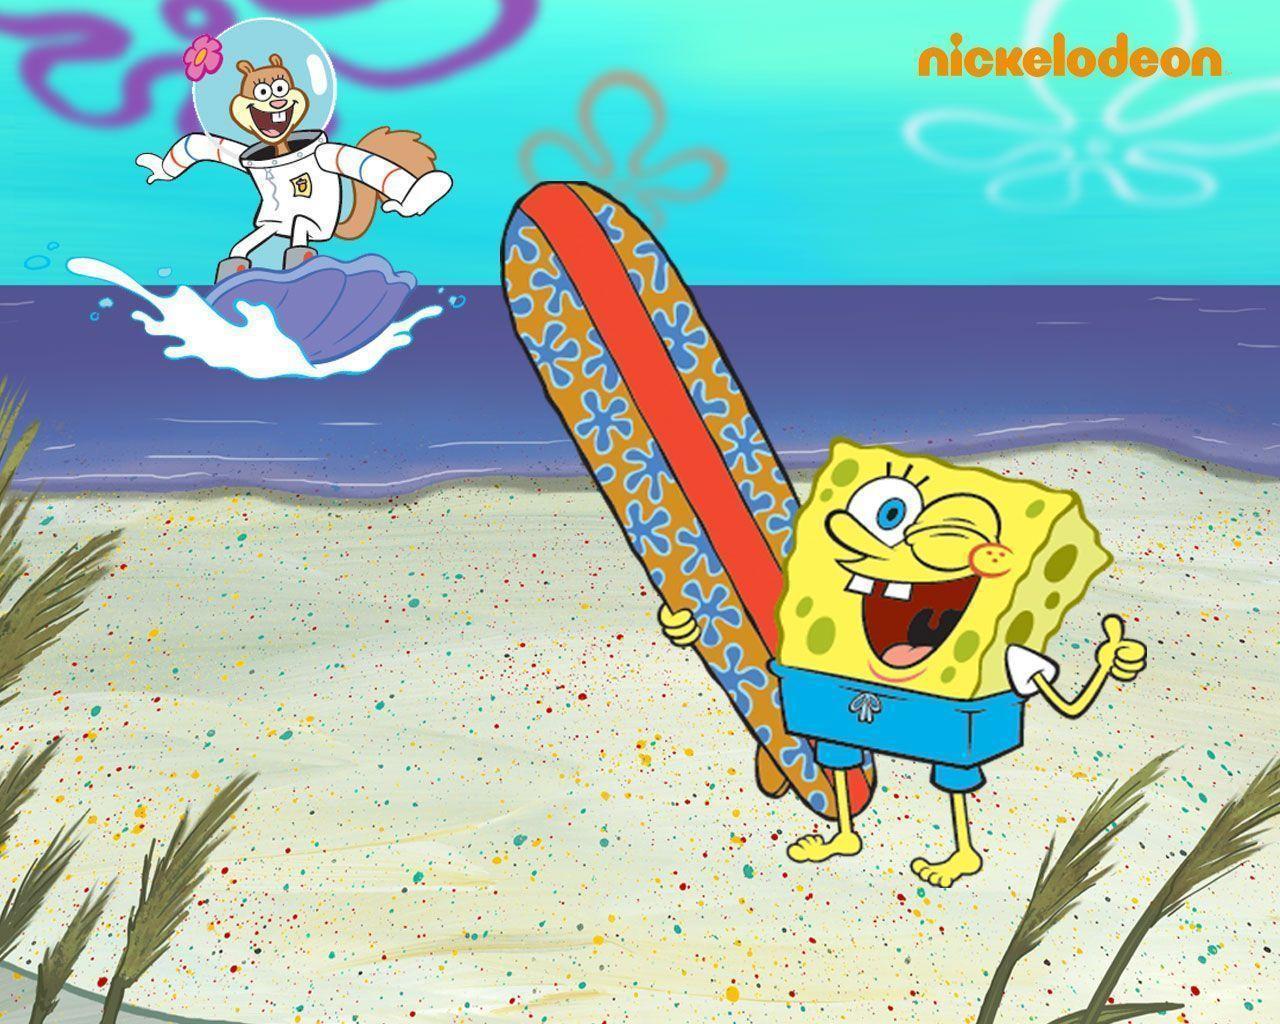 Cute Spongebob Cartoon Wallpaper Spongebob Squarepants Backgrounds Wallpaper Cave